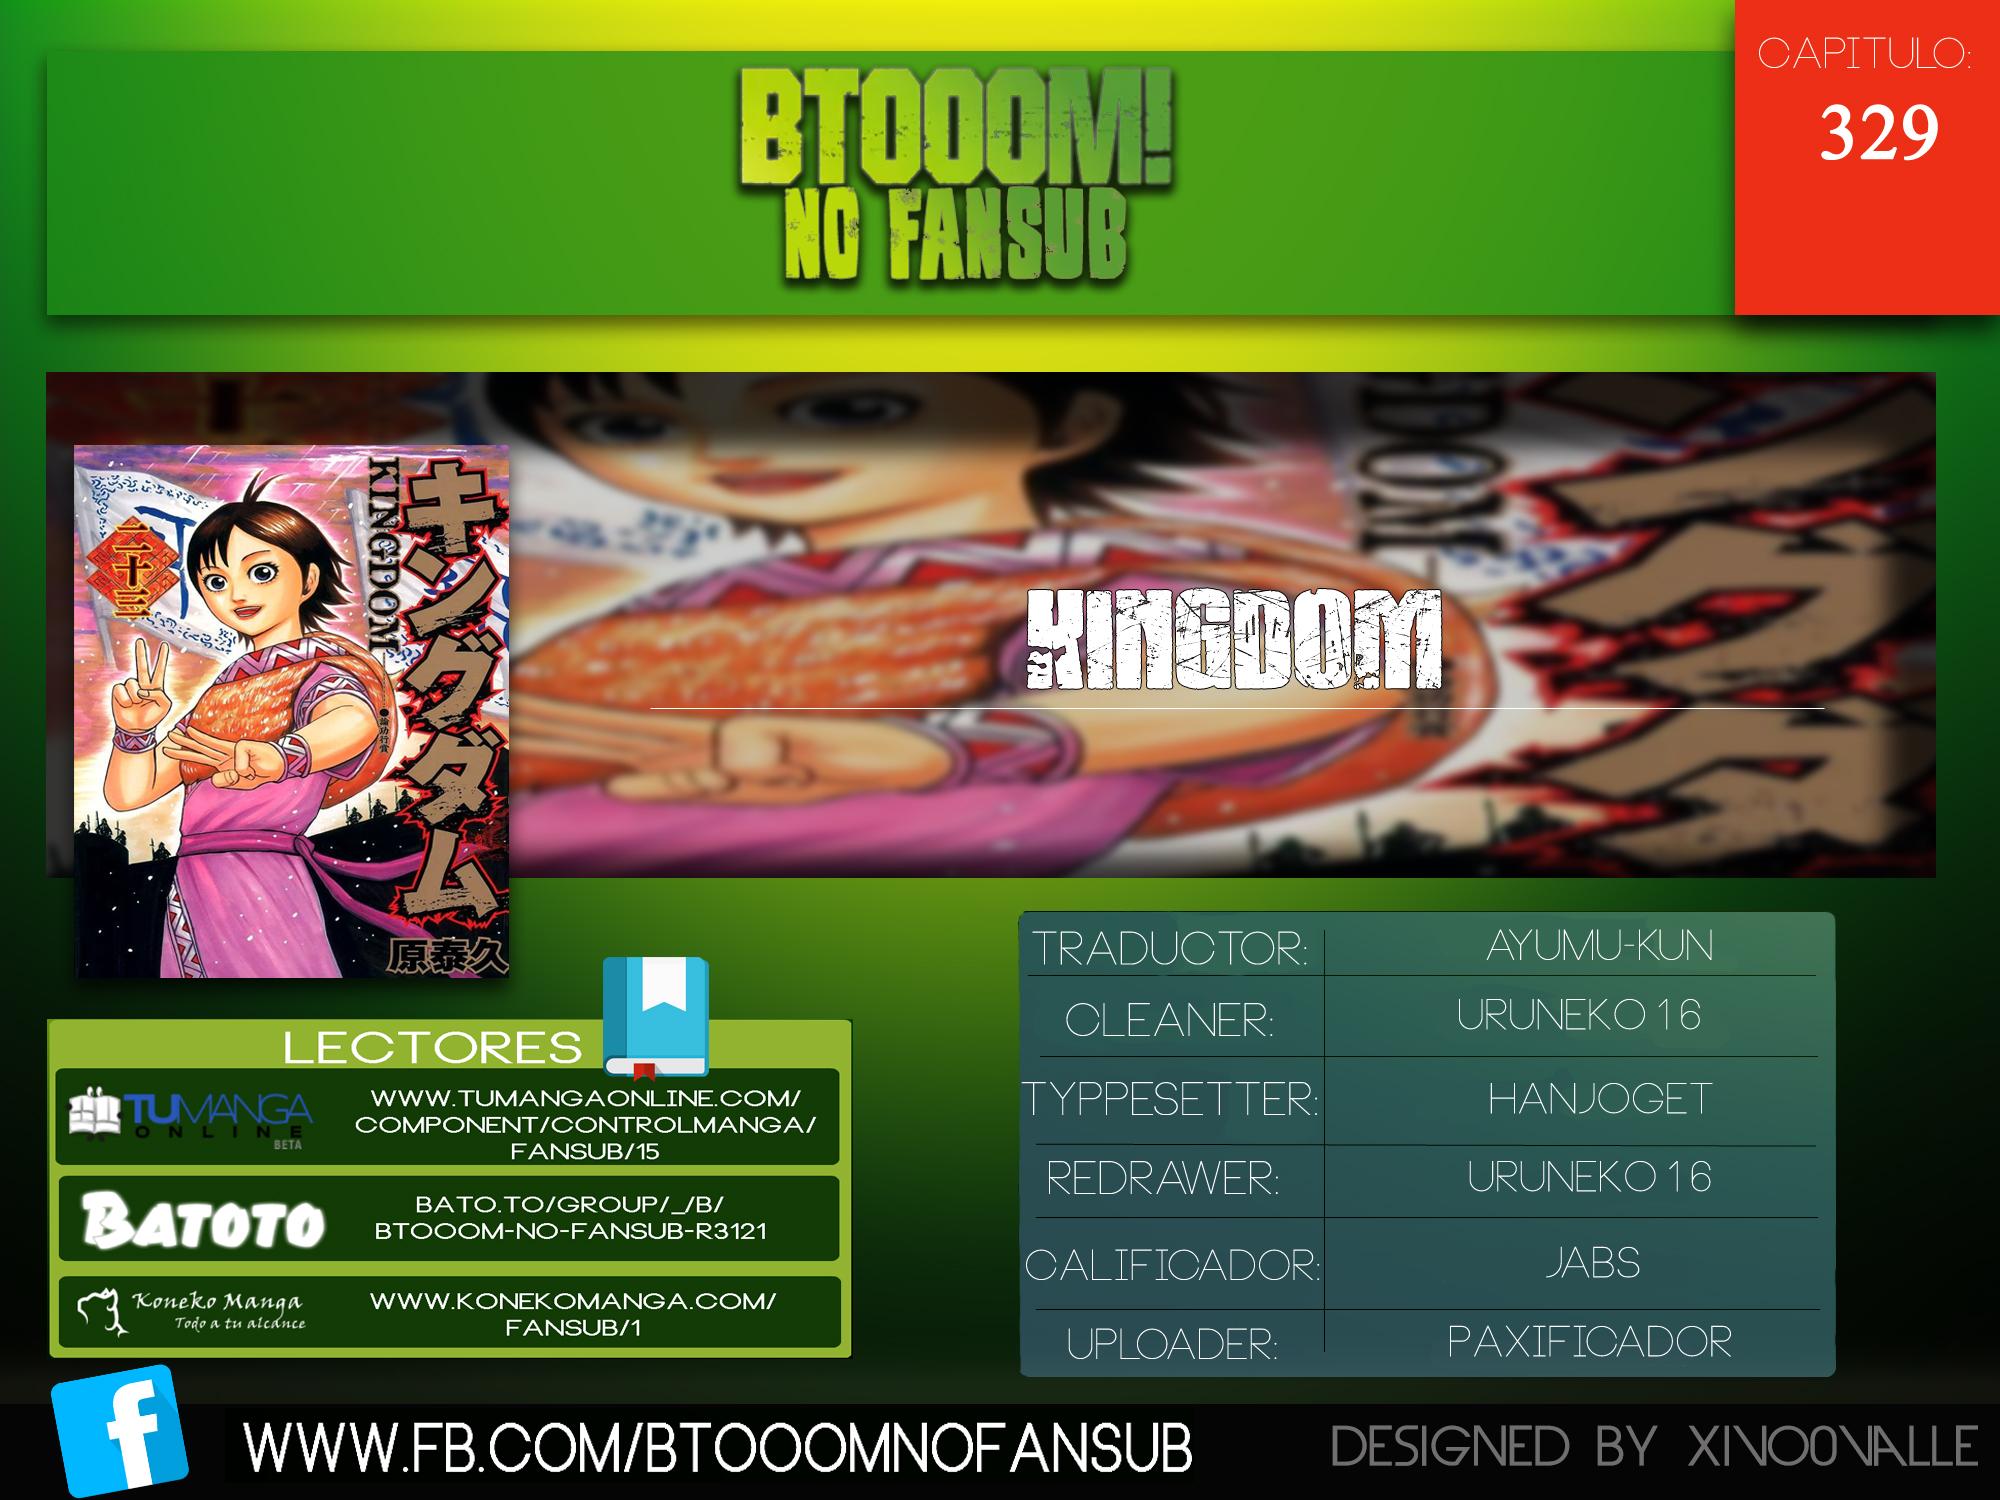 http://c5.ninemanga.com/es_manga/19/12307/360912/9b4a083fe5045386621ccbf6bb01abcb.jpg Page 1